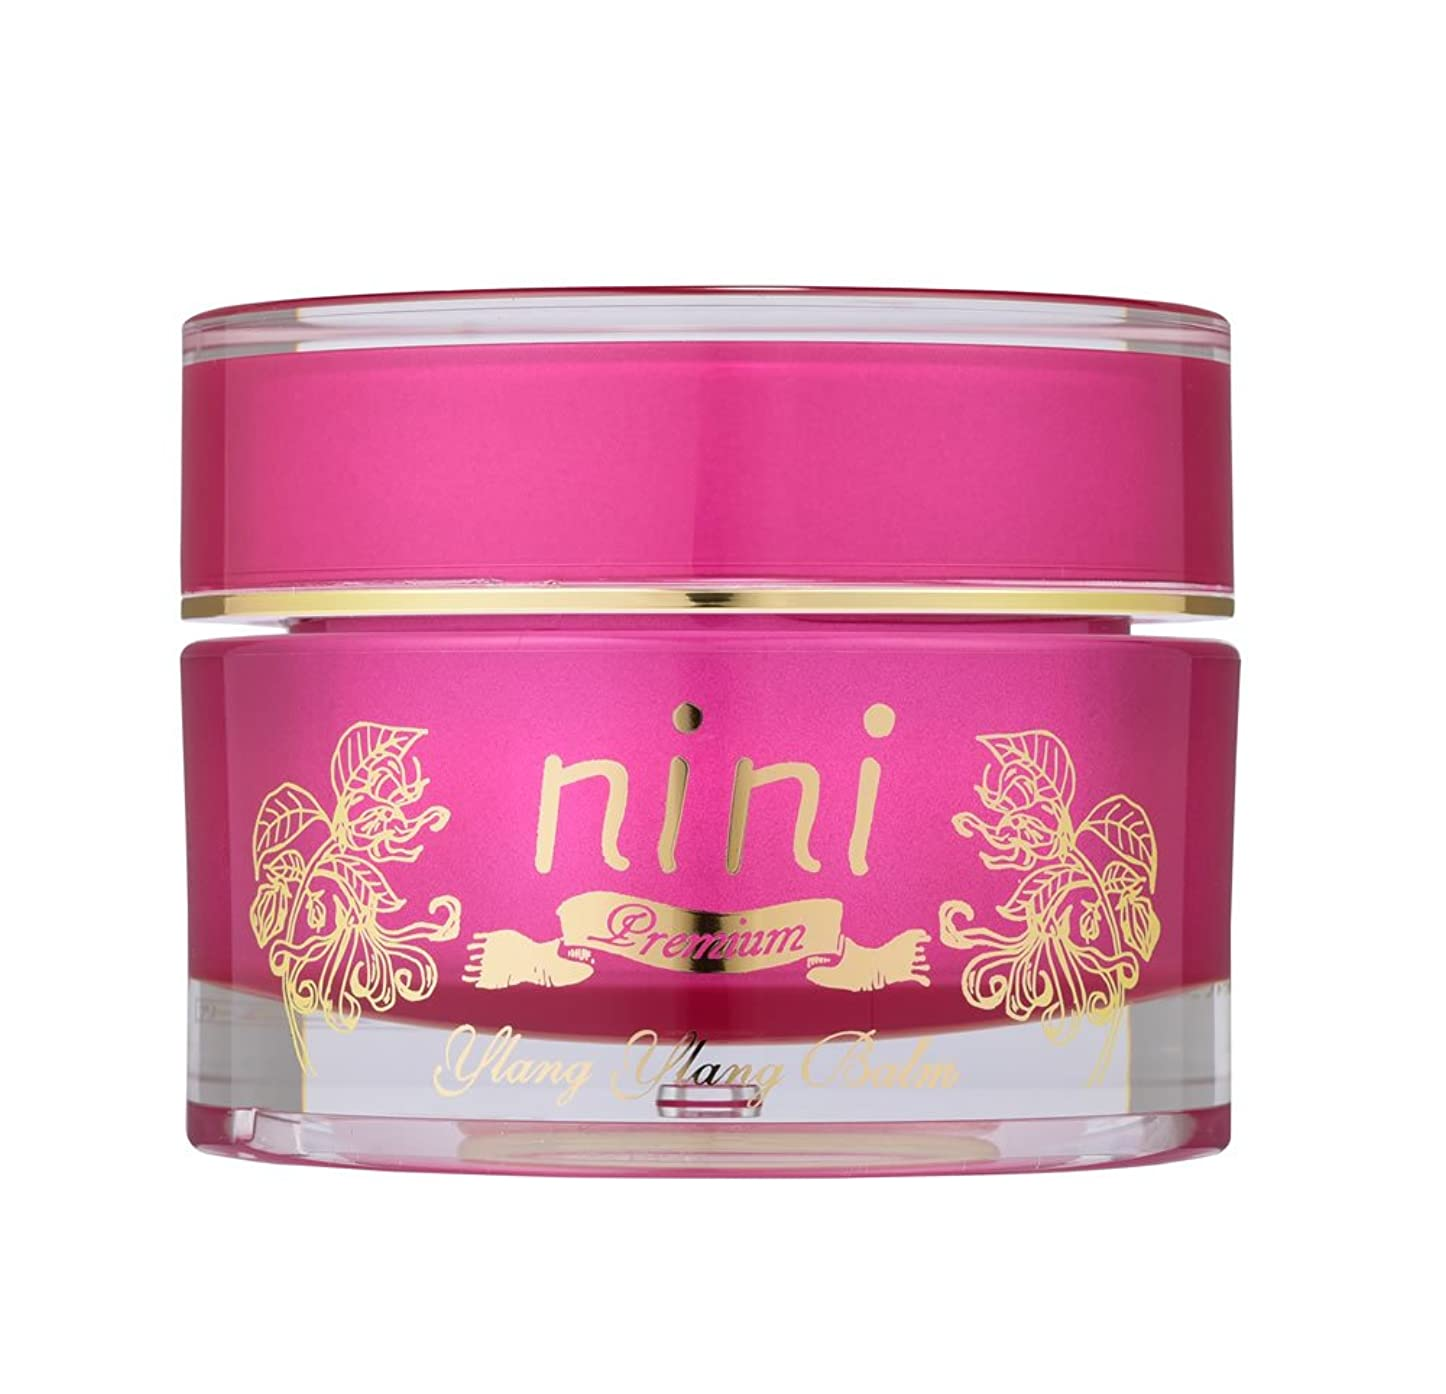 メトロポリタン蒸発少ないnini Premium(ニニ プレミア) イランイランバーム(ジャスミンオイル?ダマスクローズオットーを配合) 60ml